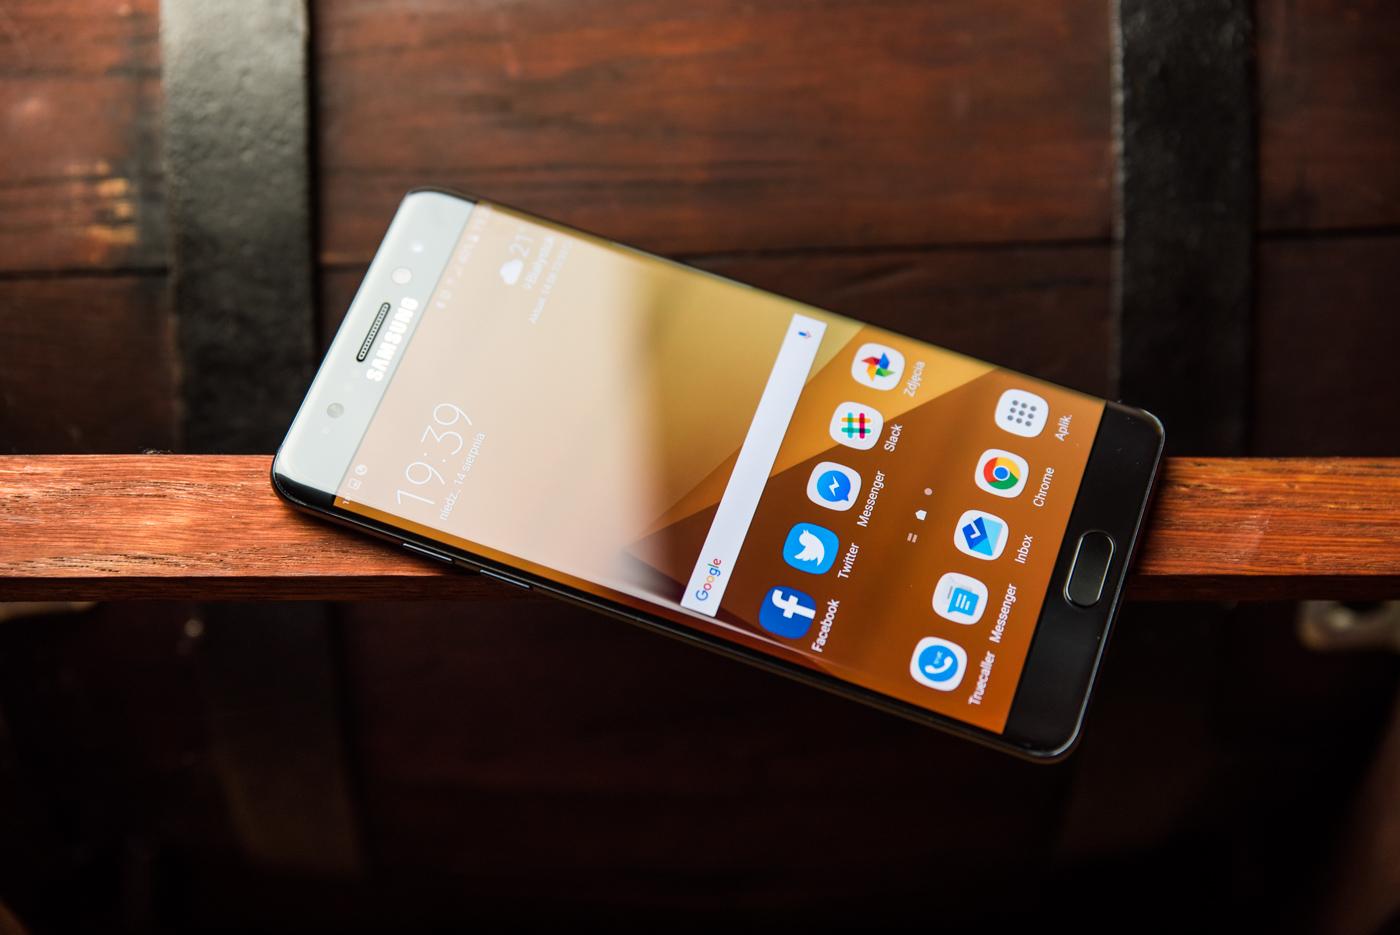 Afera z wybuchającymi Note'ami 7 nie zaszkodziła Samsungowi?